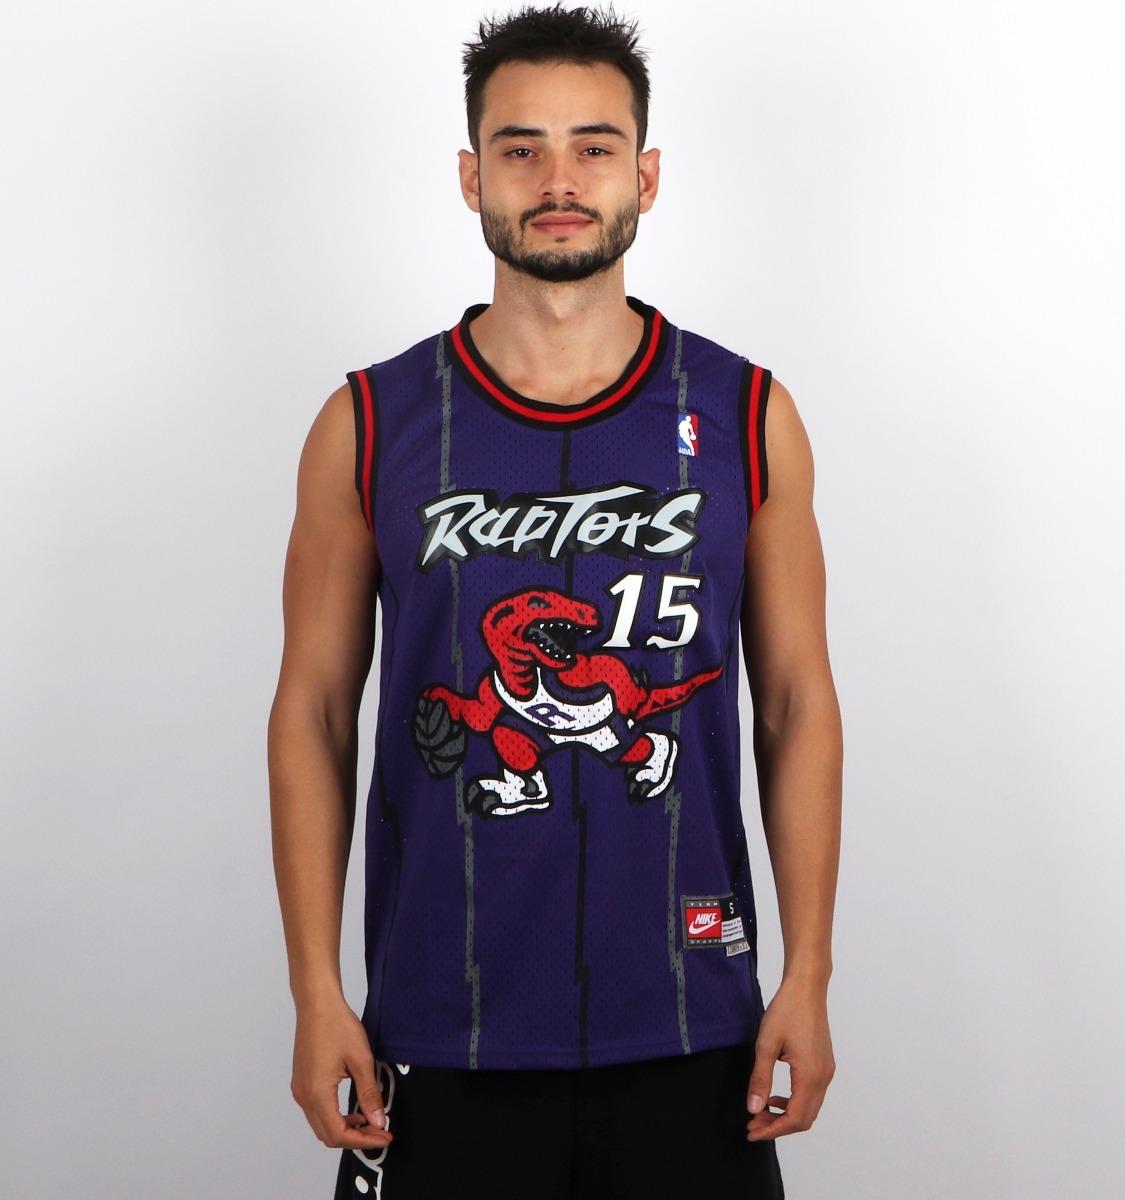 d6e3602a2 camisa basquete nba toronto raptors nfl - original. Carregando zoom.